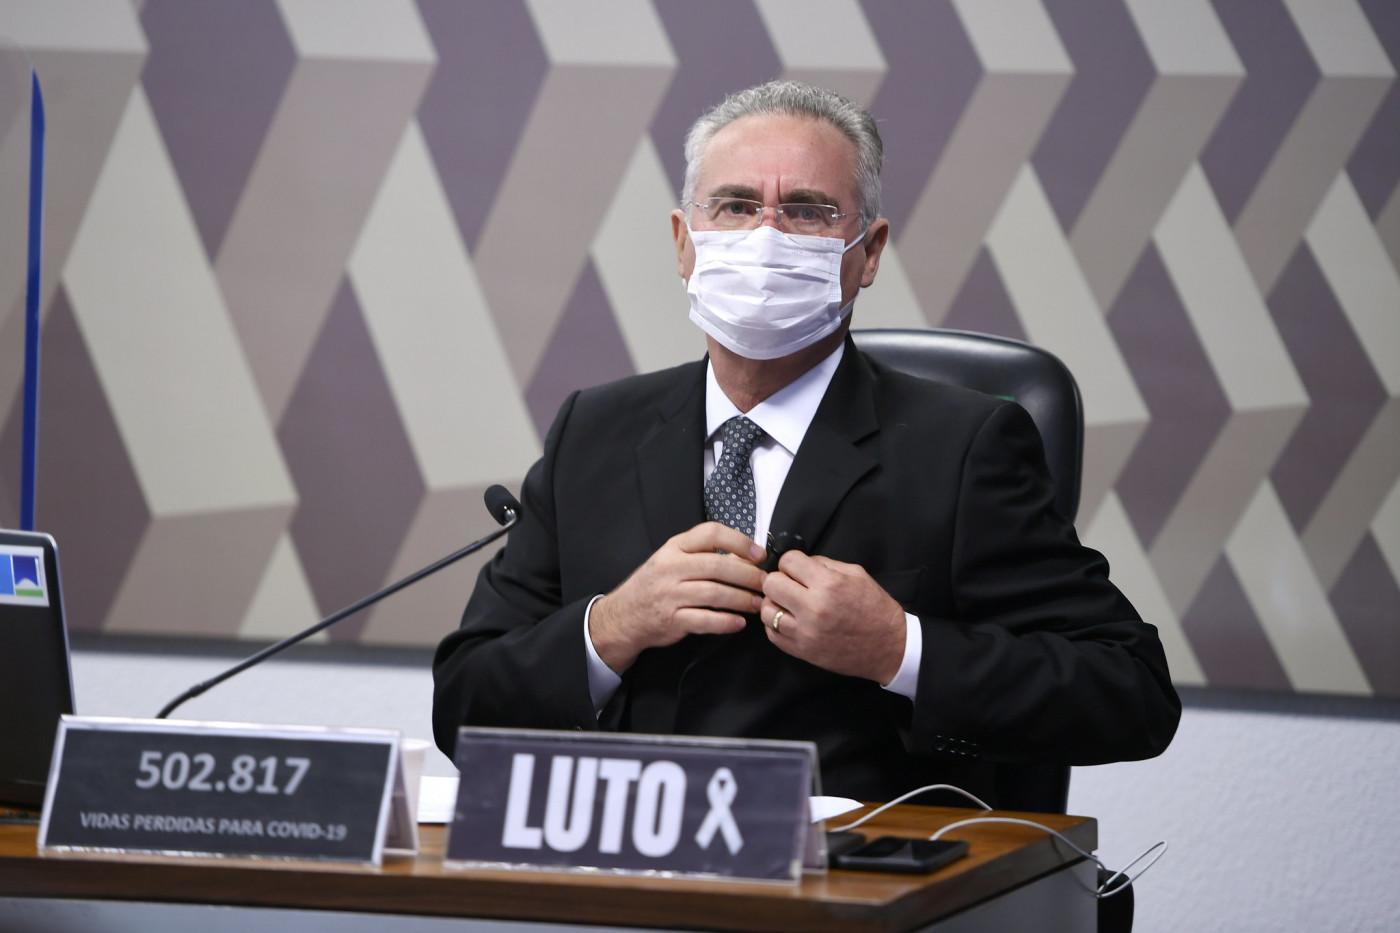 Senador Renan Calheiros durante a CPI da Covid-19